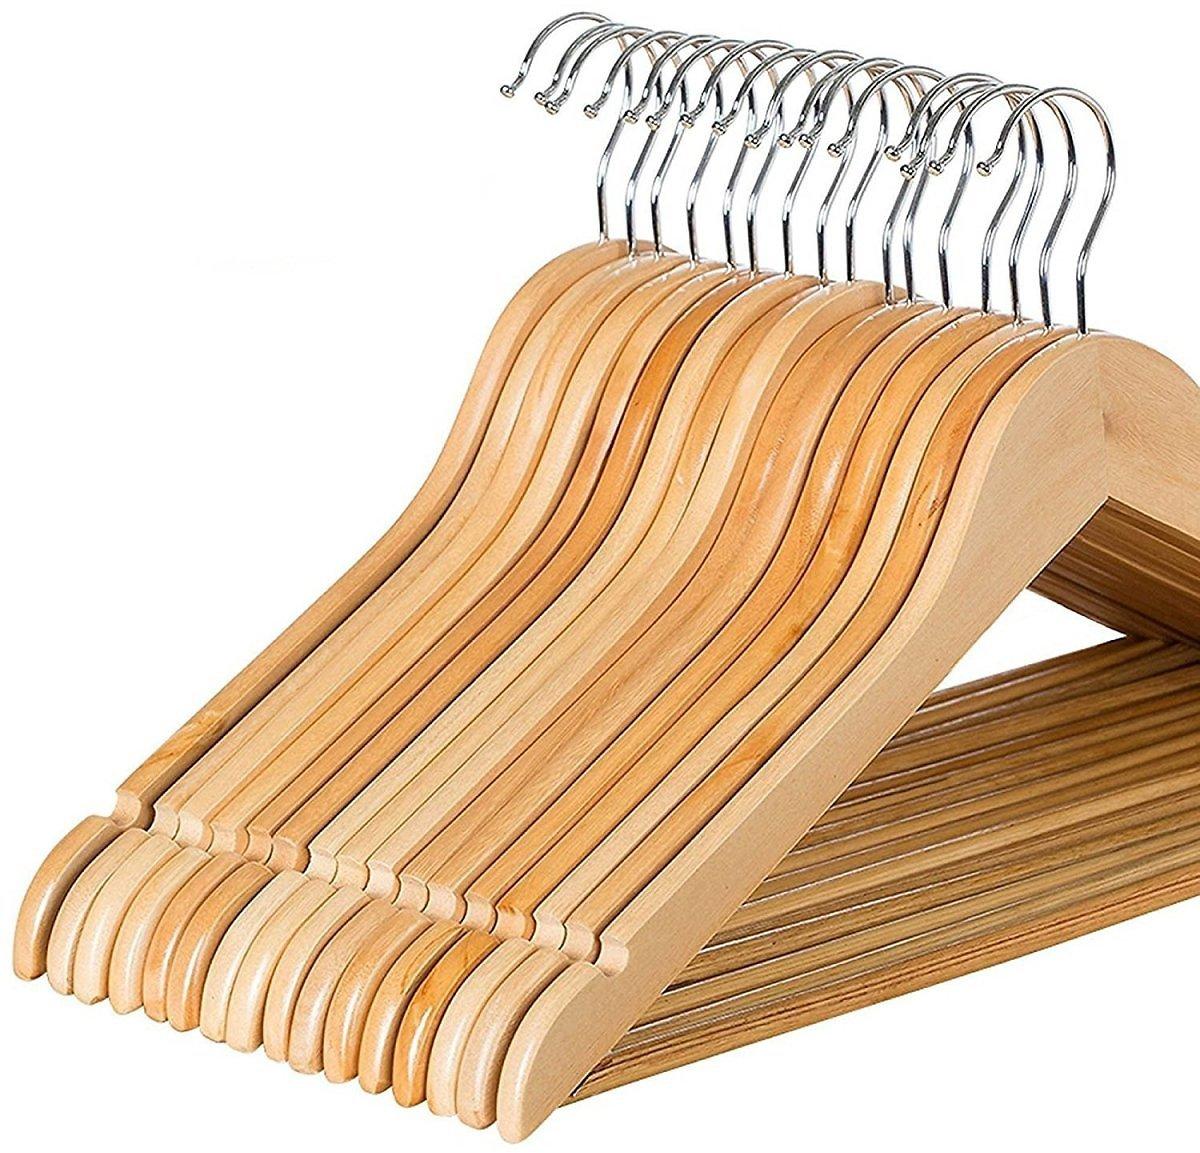 Zober Solid Wood Suit Hangers - 20 Pack $14.99